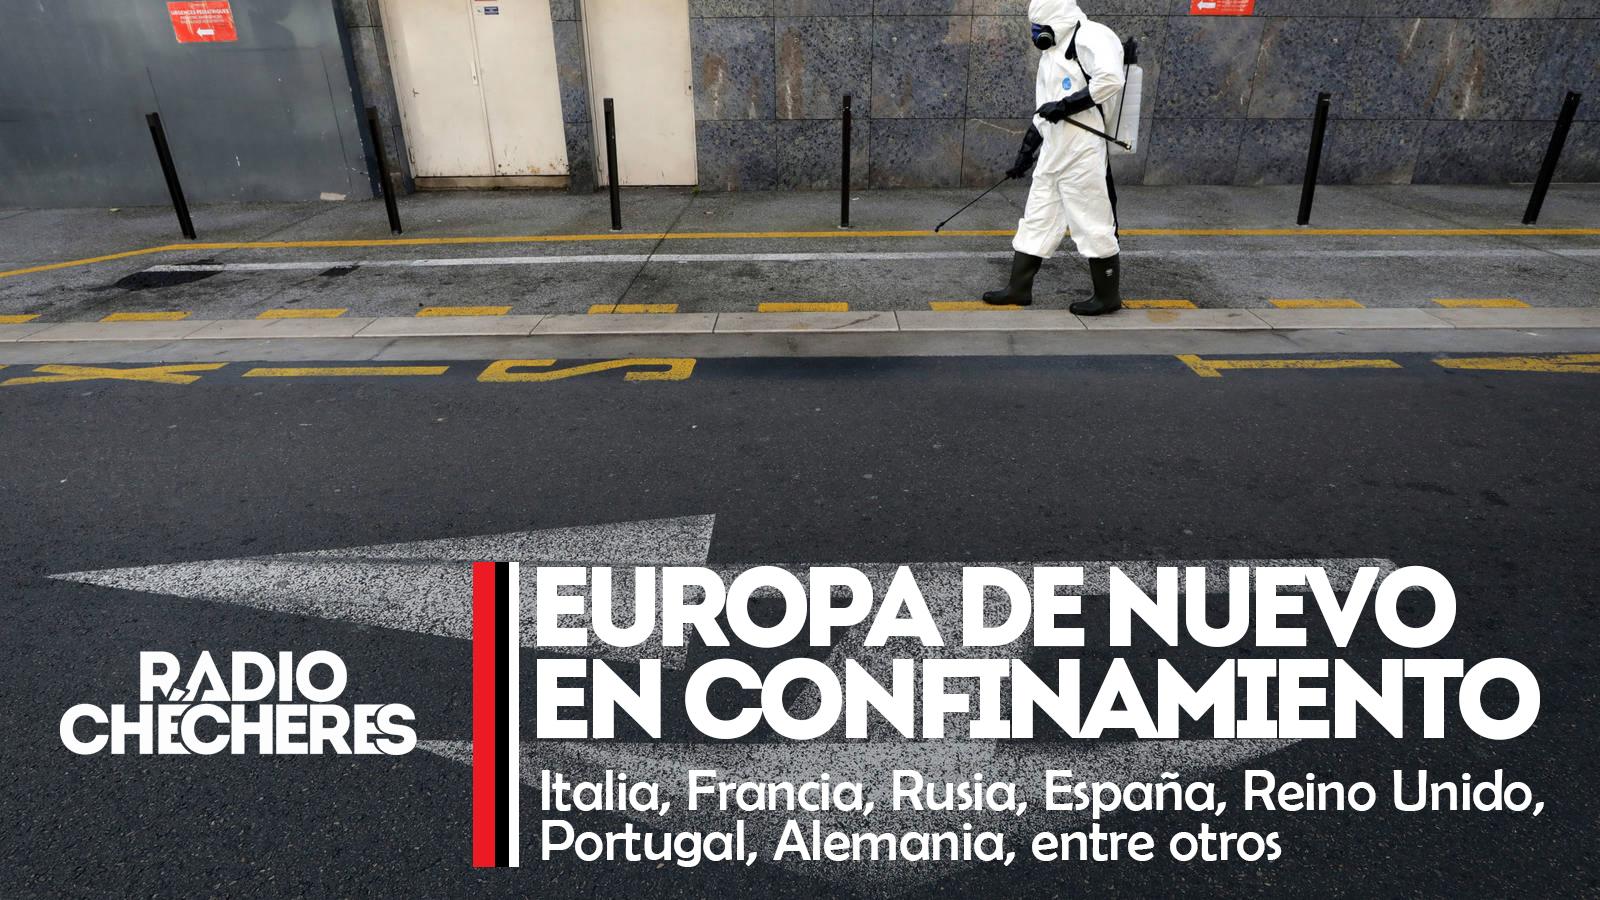 #Italia, #Francia, #Rusia, #España, #Reino Unido, #Portugal, #Alemania, entre otros, en nuevo confinamiento